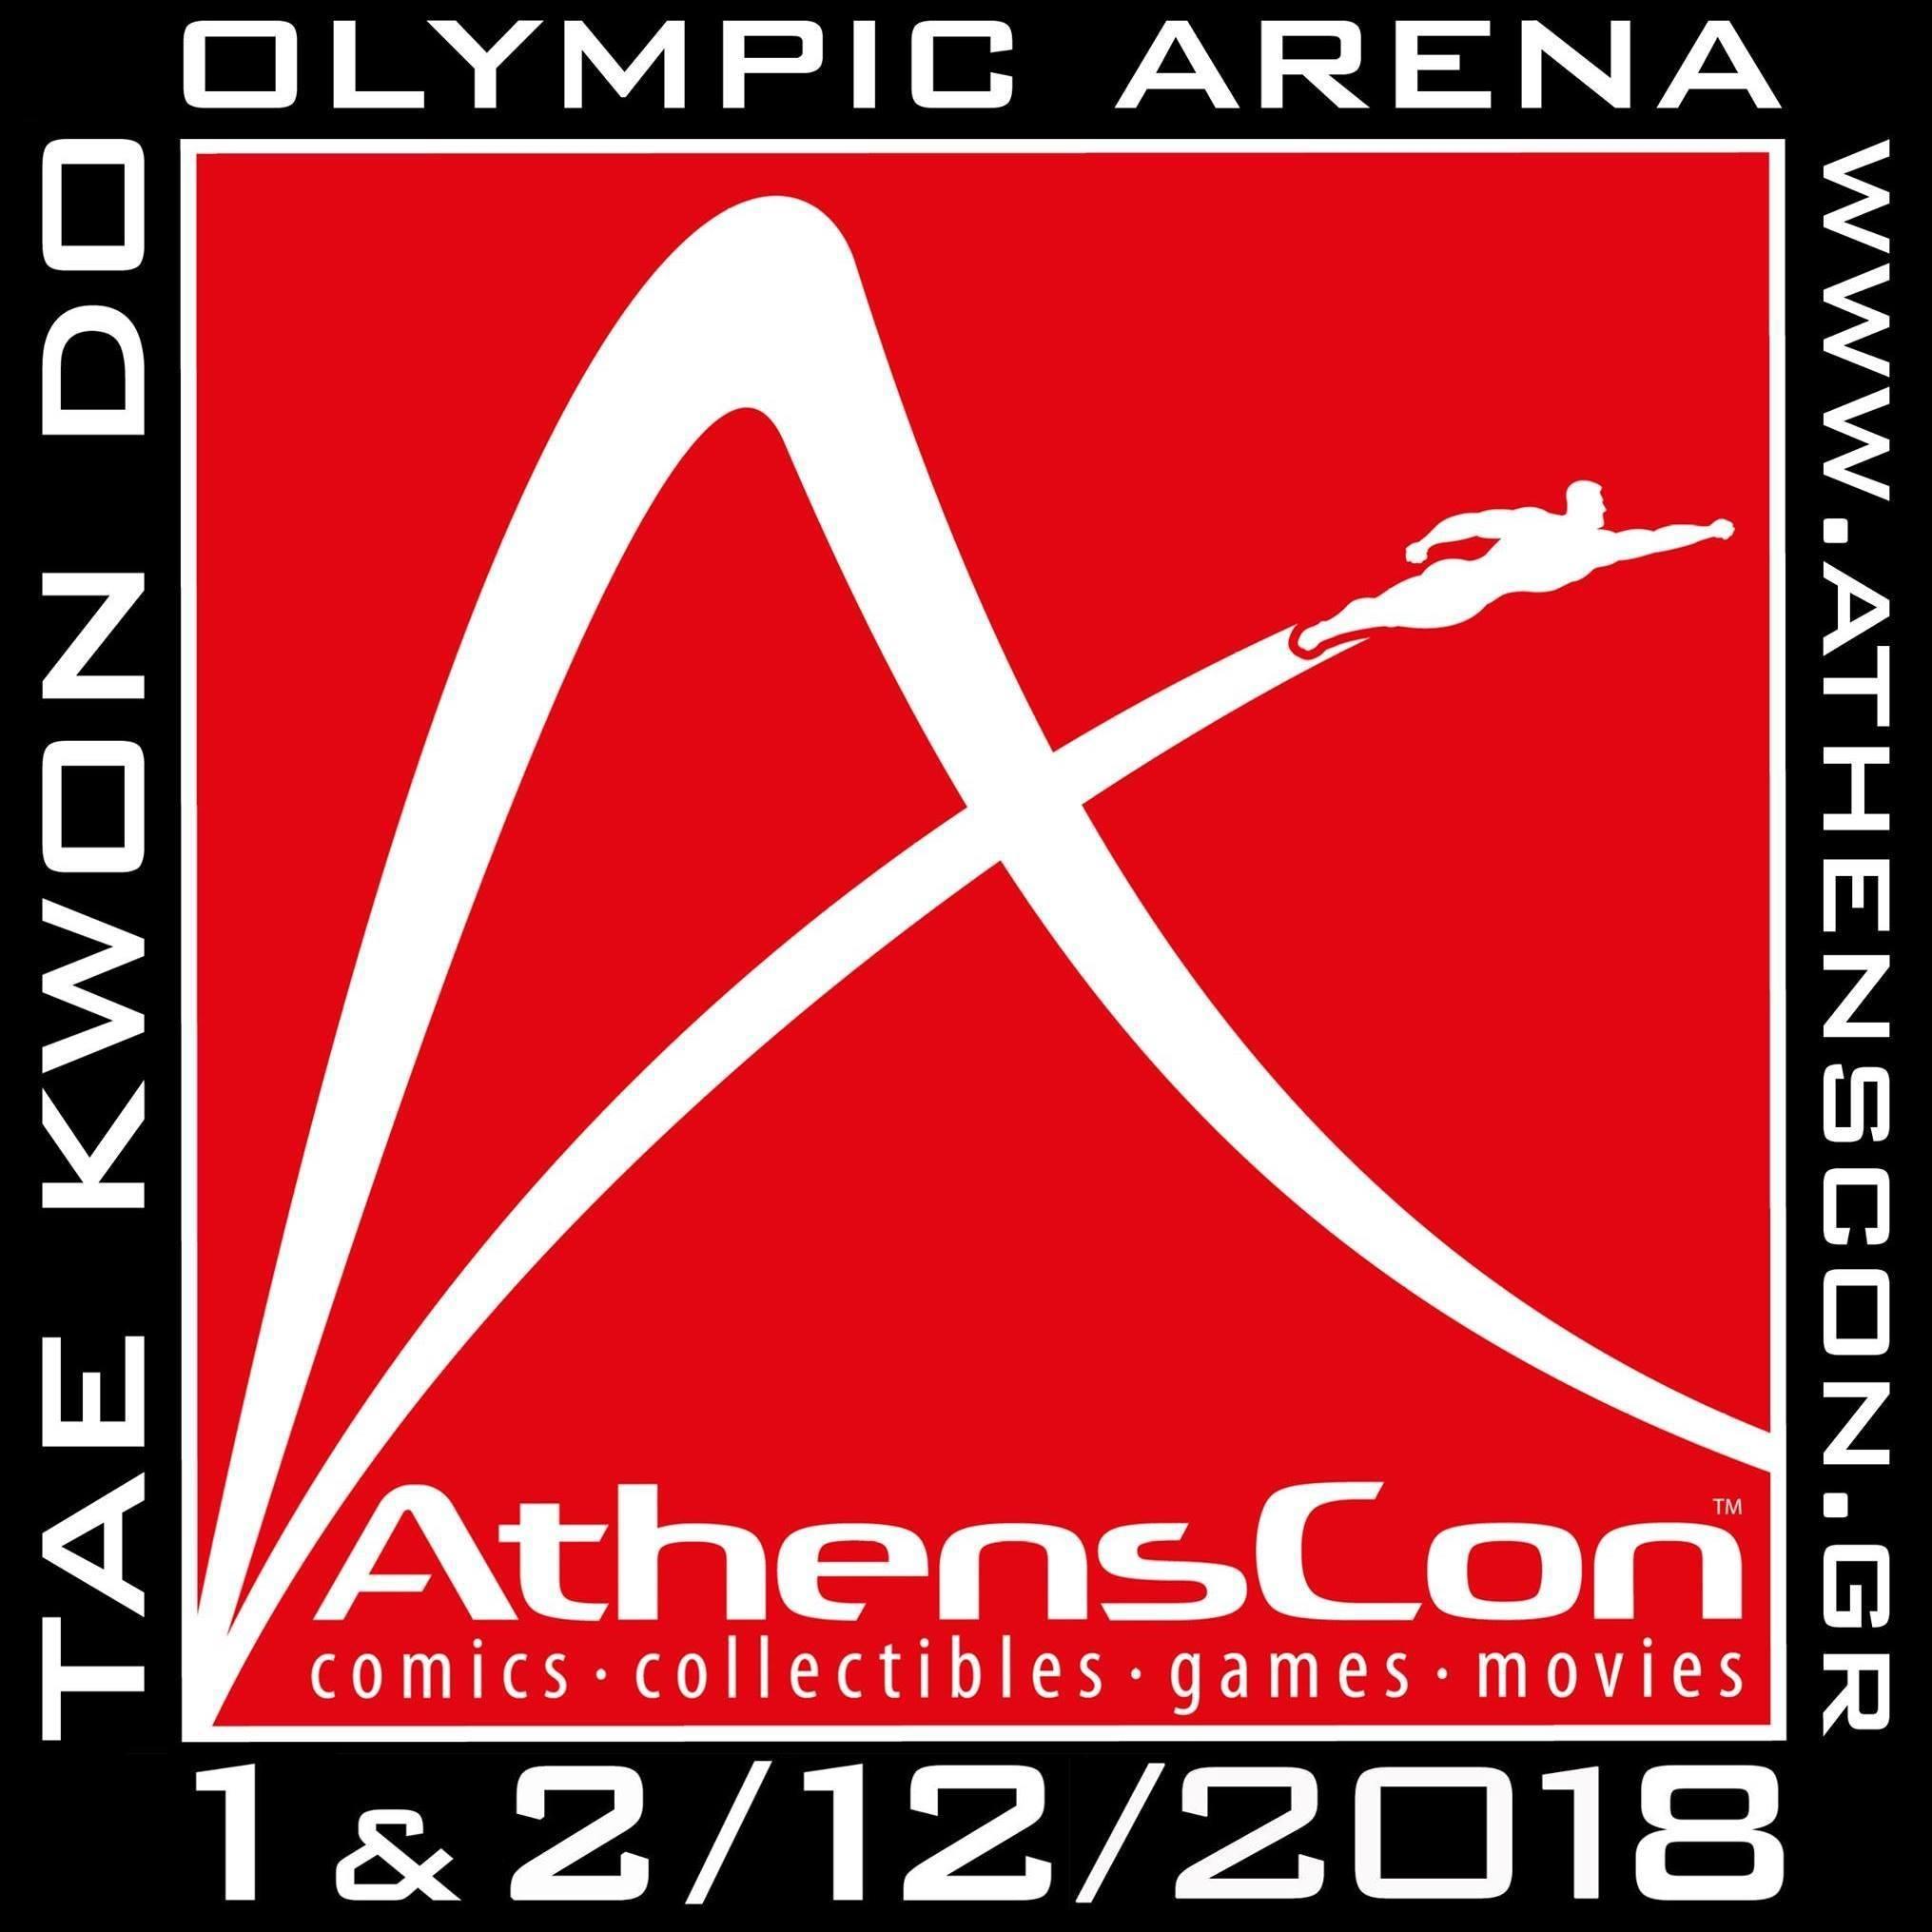 athenscon_2018-logo